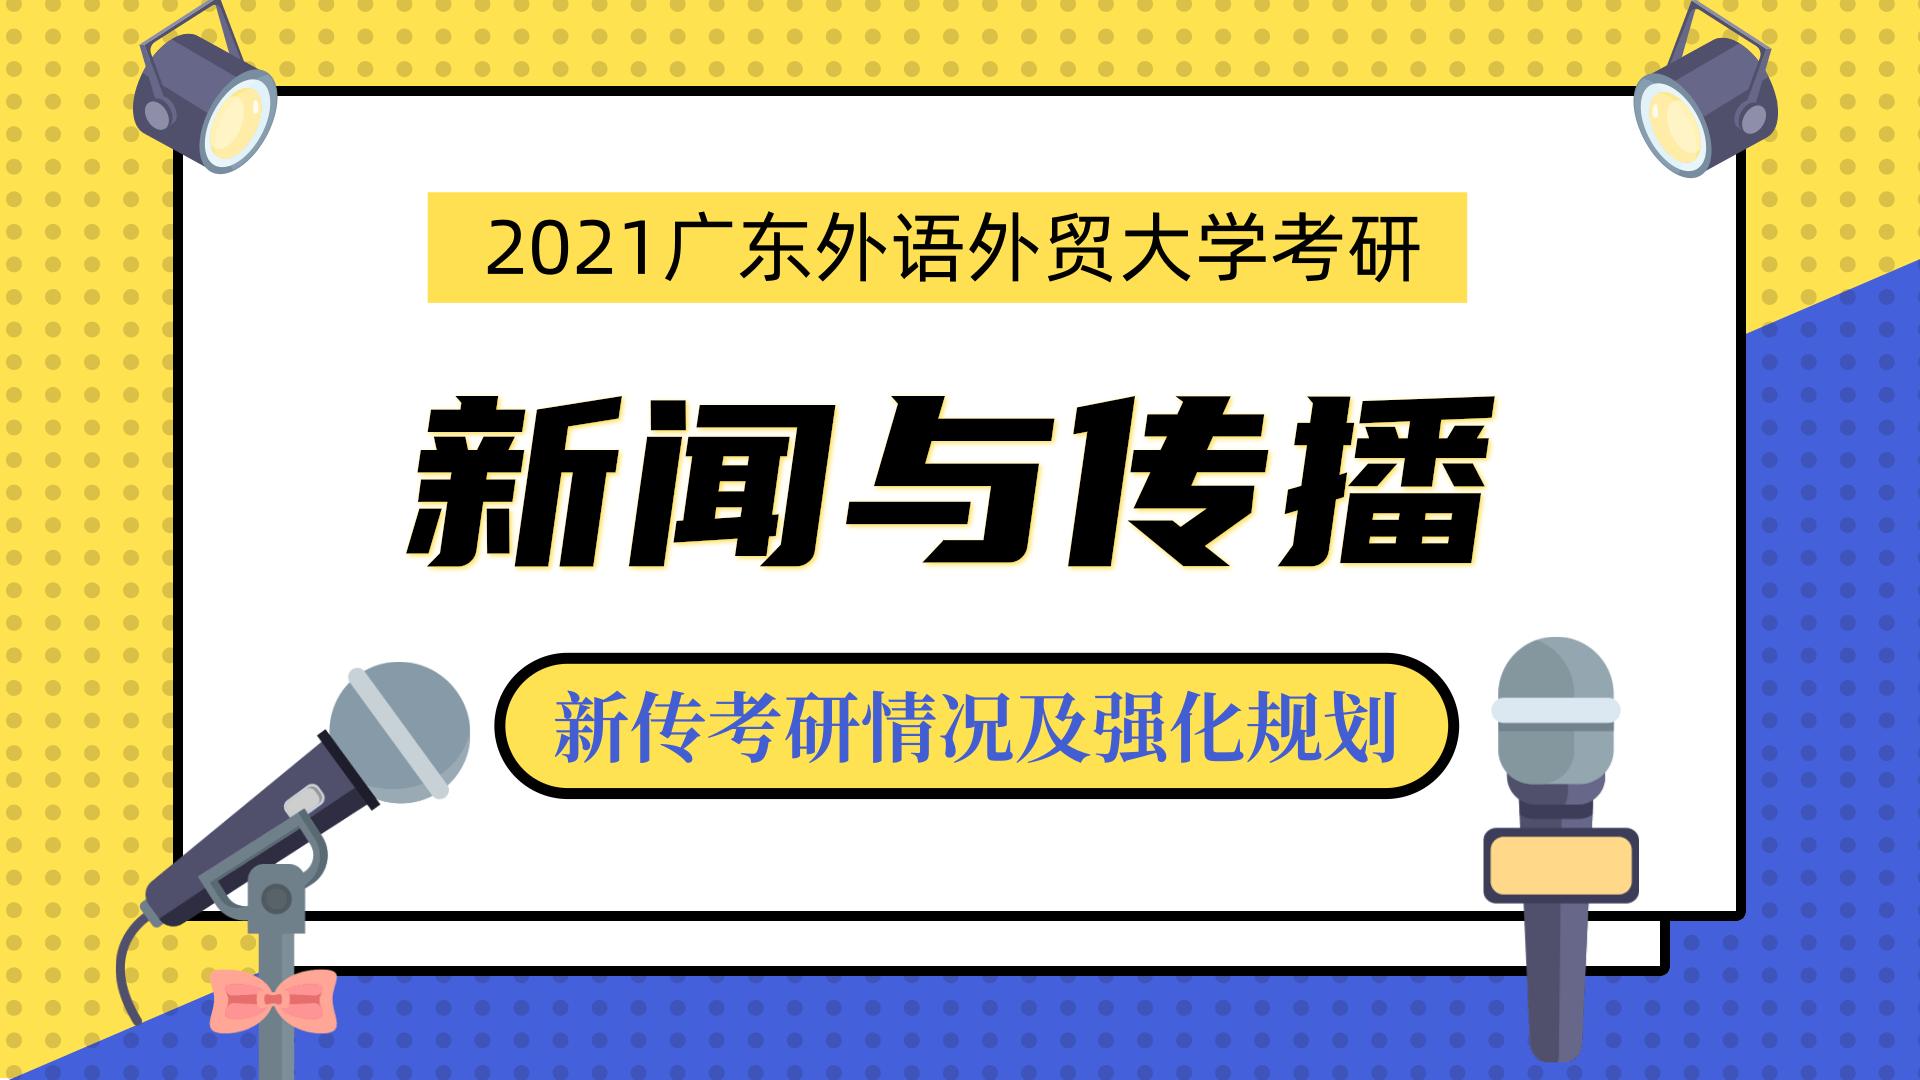 2021年广东外语外贸大学广外考研新闻与传播考研八月答疑会